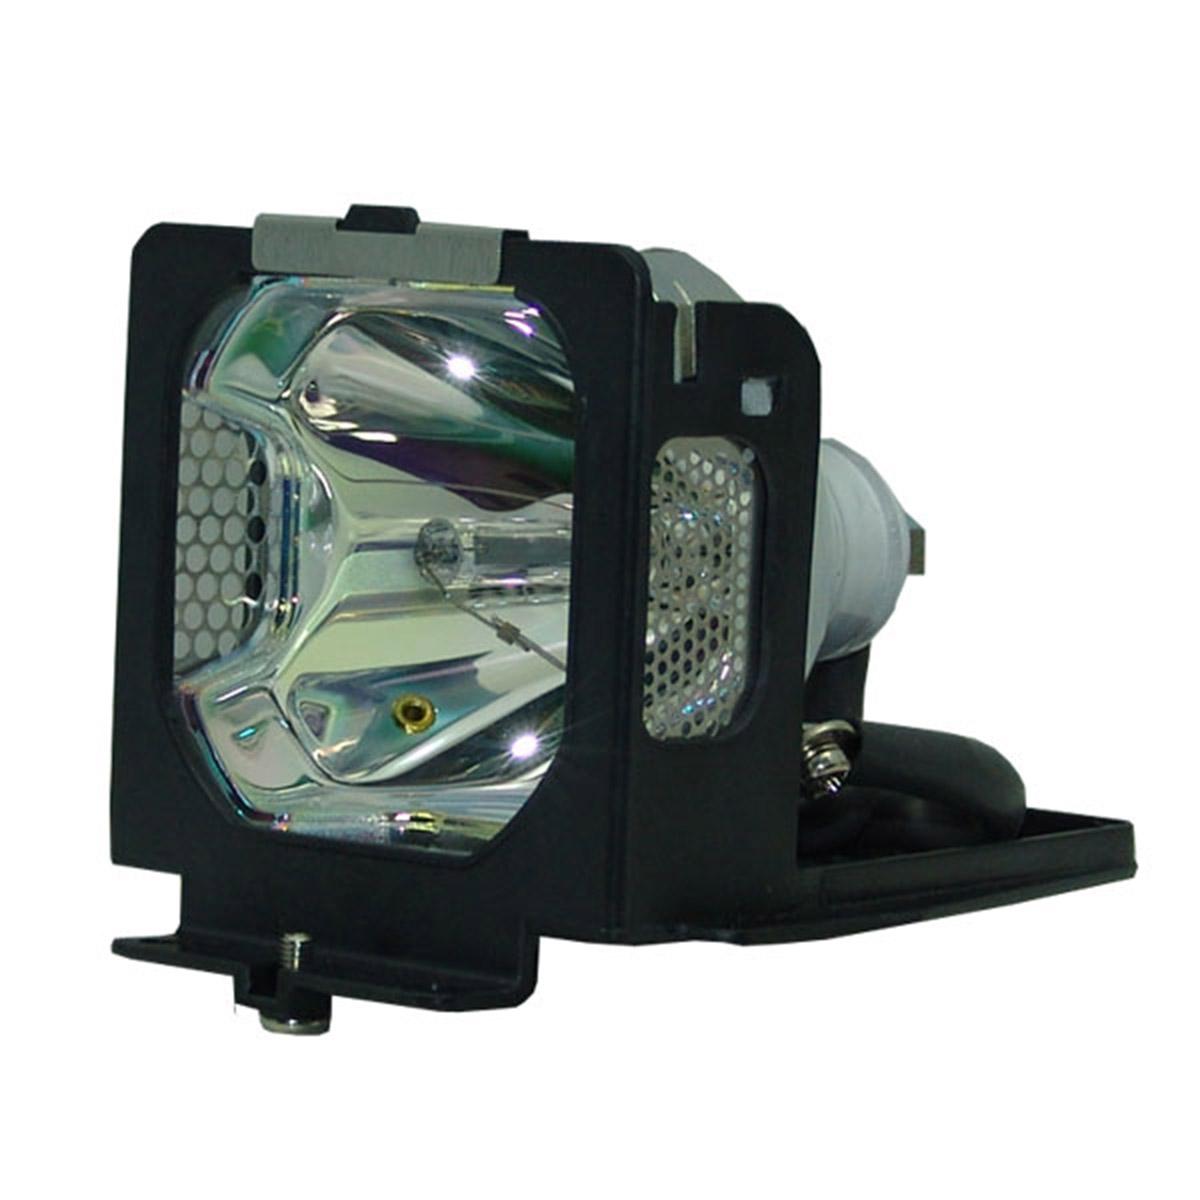 Boxlight CP320TA-930 FP Lamp